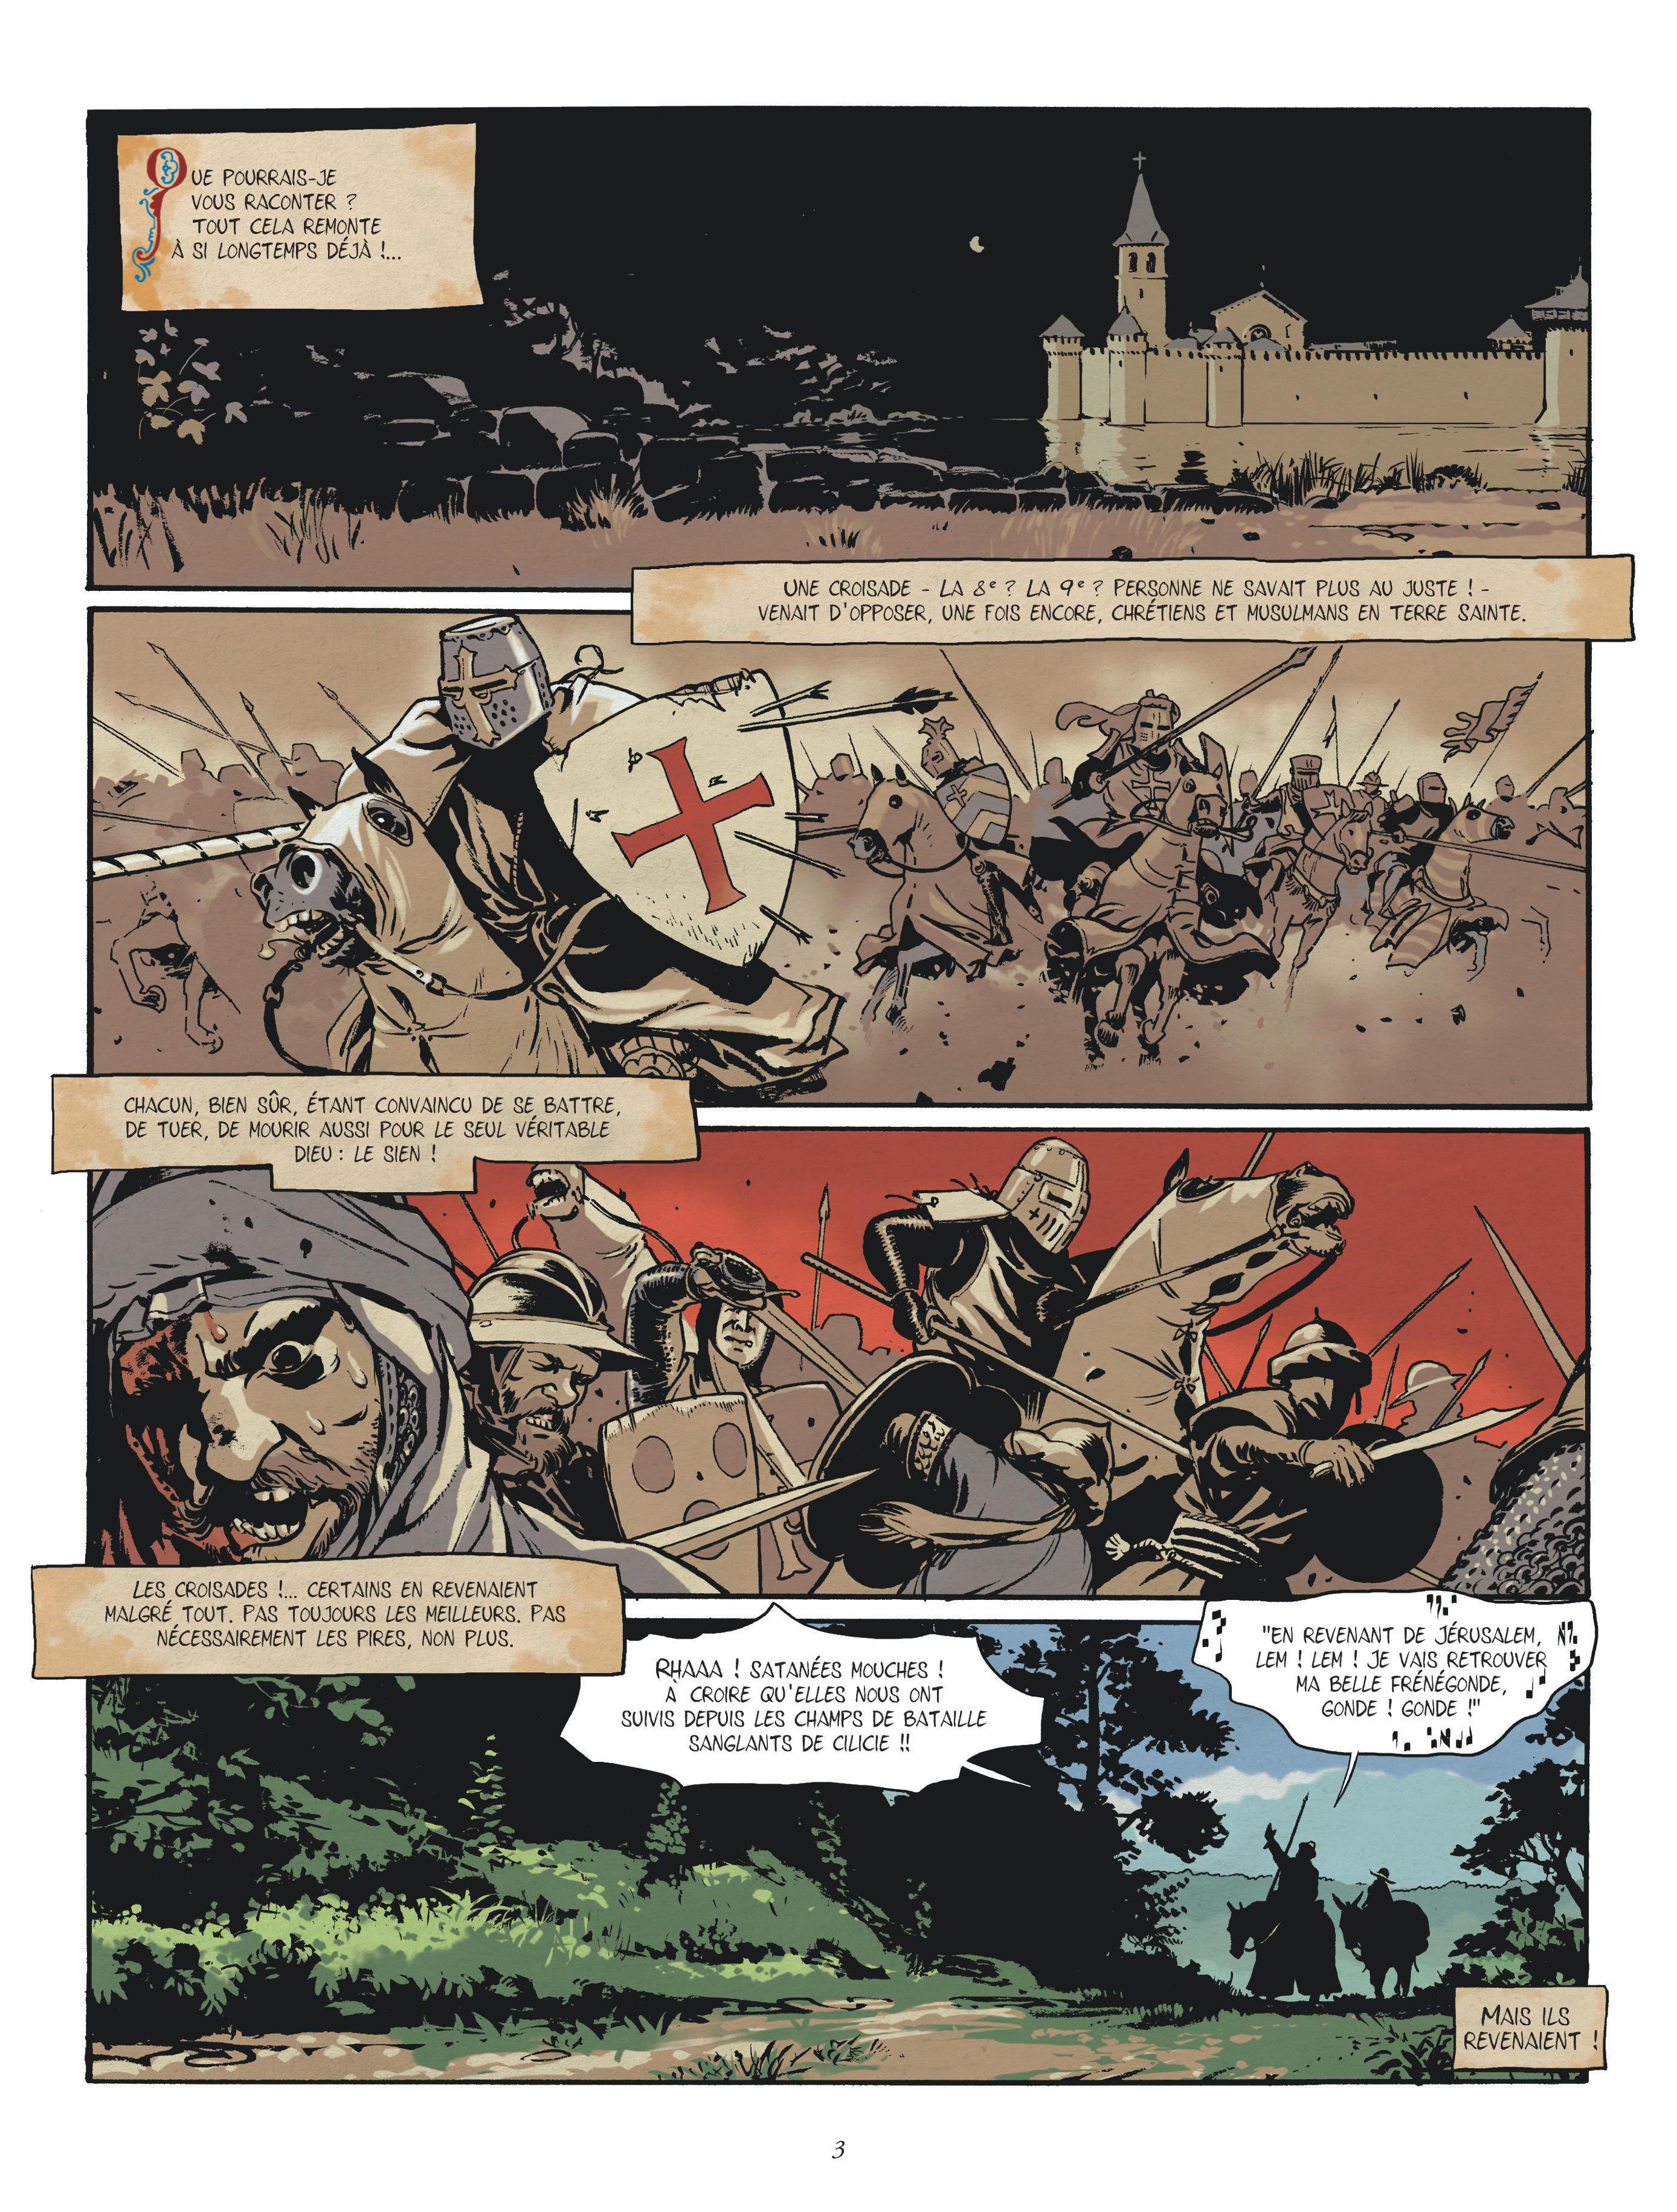 chevalier brayard planche 1